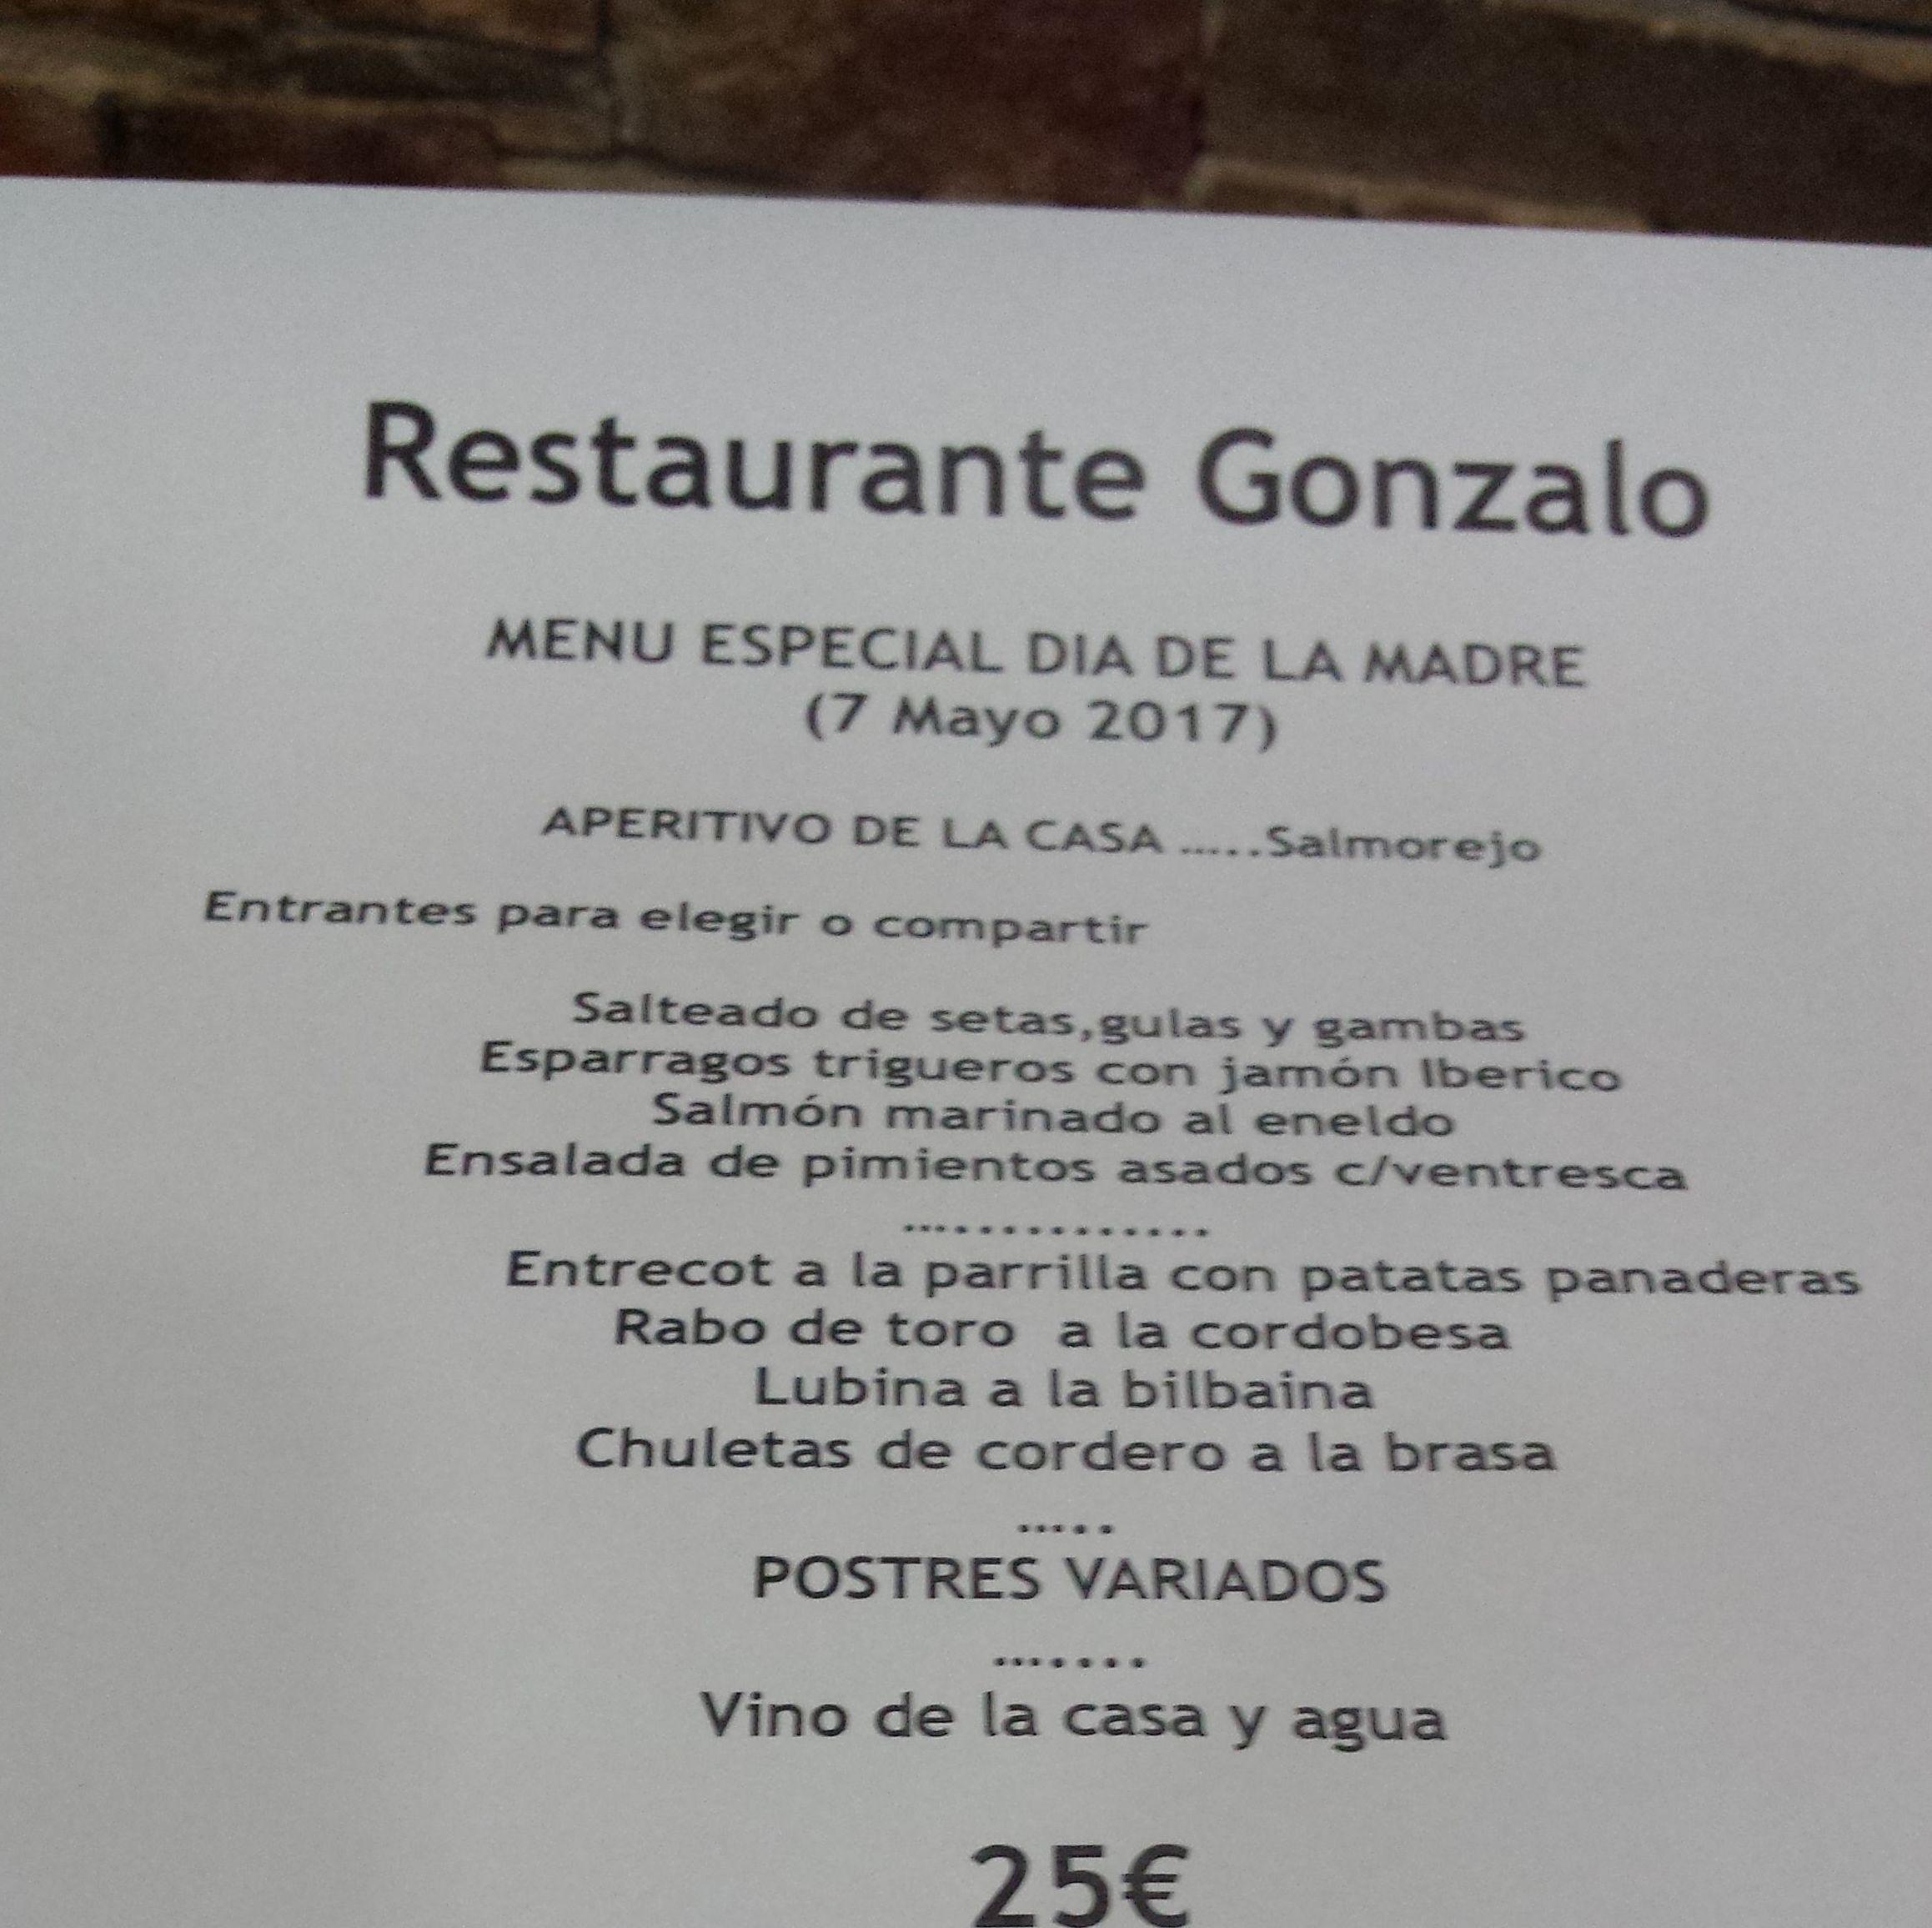 Foto 25 de Cocina castellana en Madrid | Restaurante Gonzalo